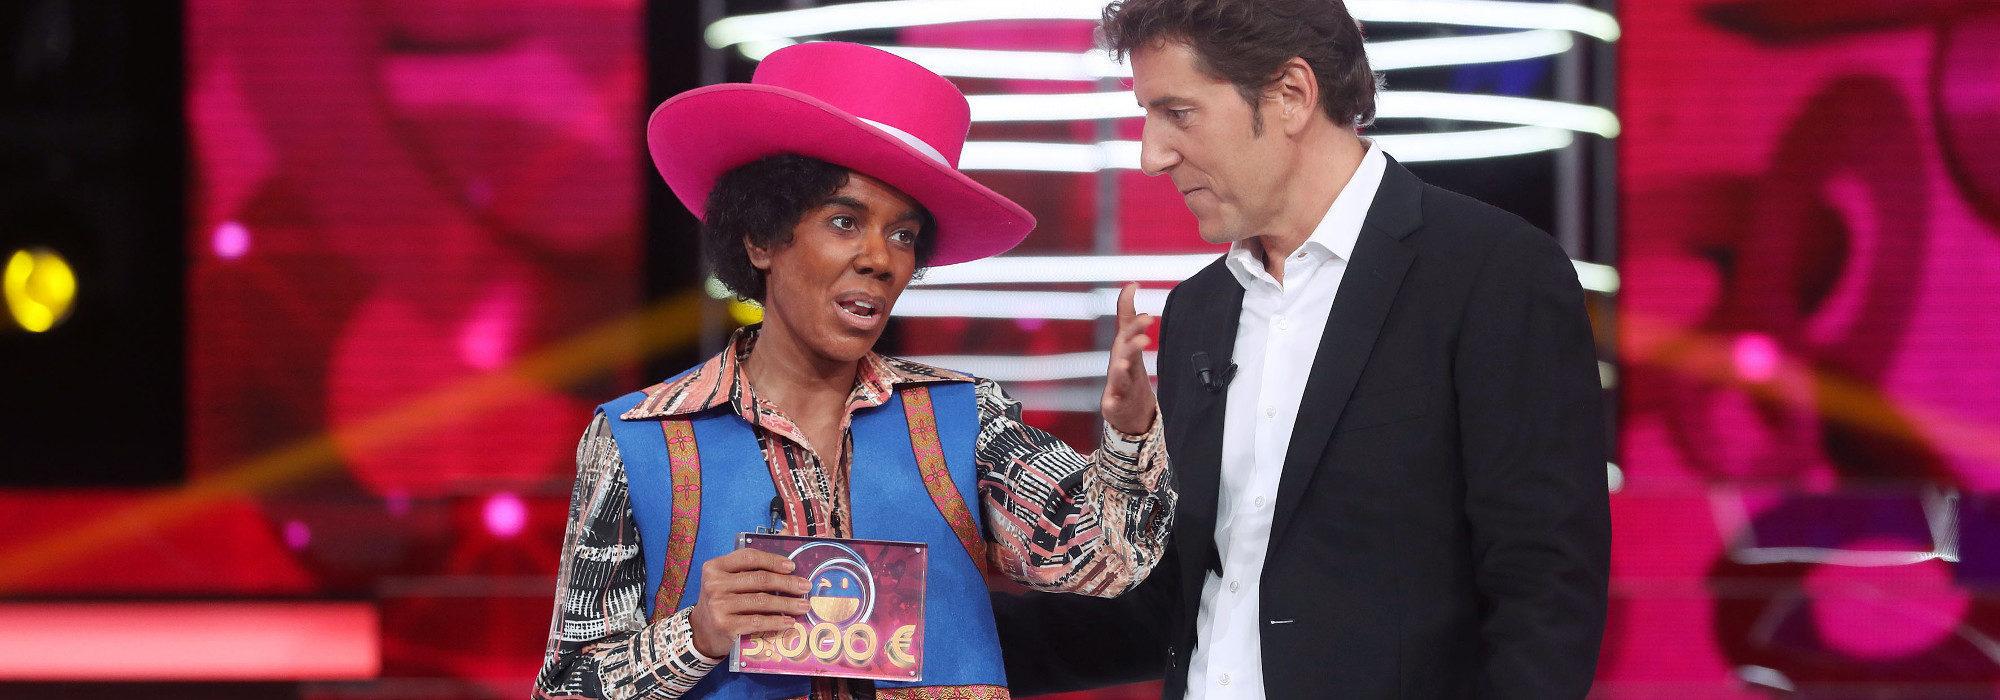 Beatriz Luengo es la ganadora en la primera gala de 'Tu cara me suena'